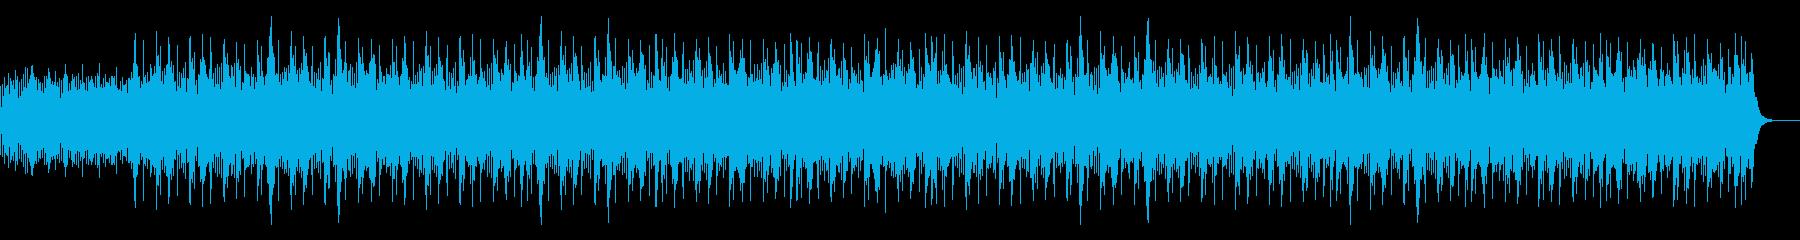 和風・琴・優しい・ヒップホップの再生済みの波形